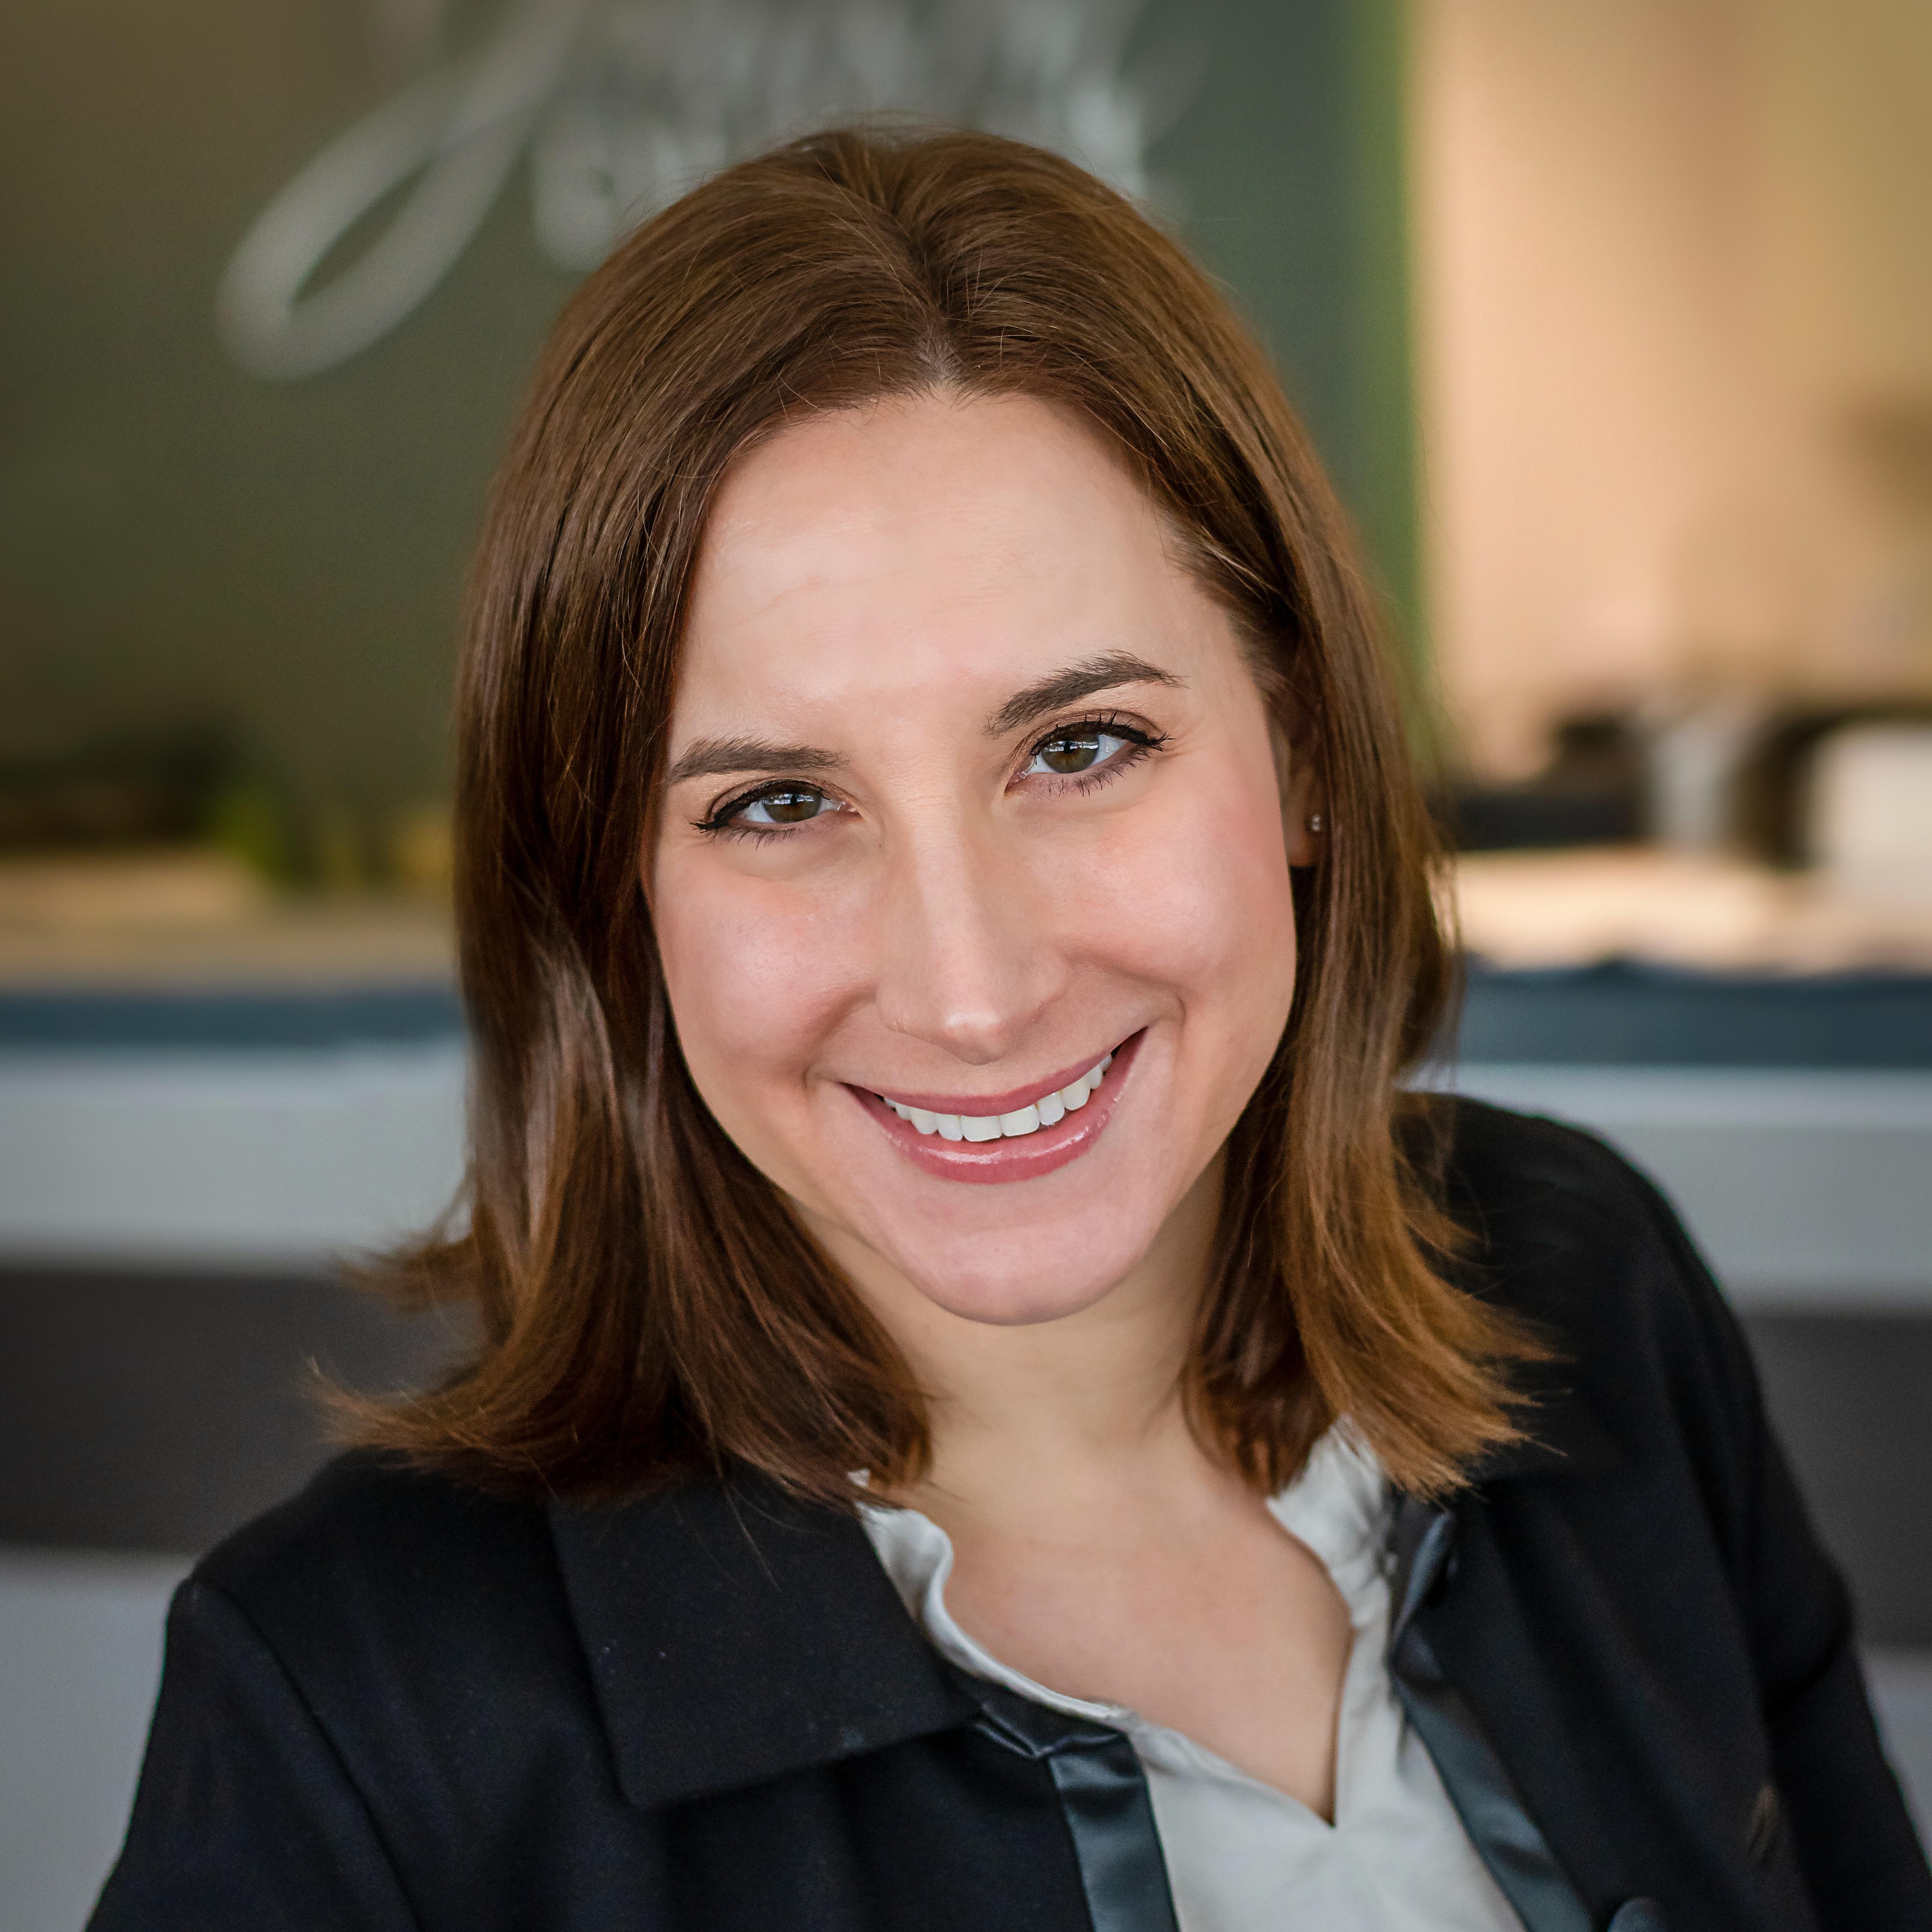 Dr. Kristi A Johnson